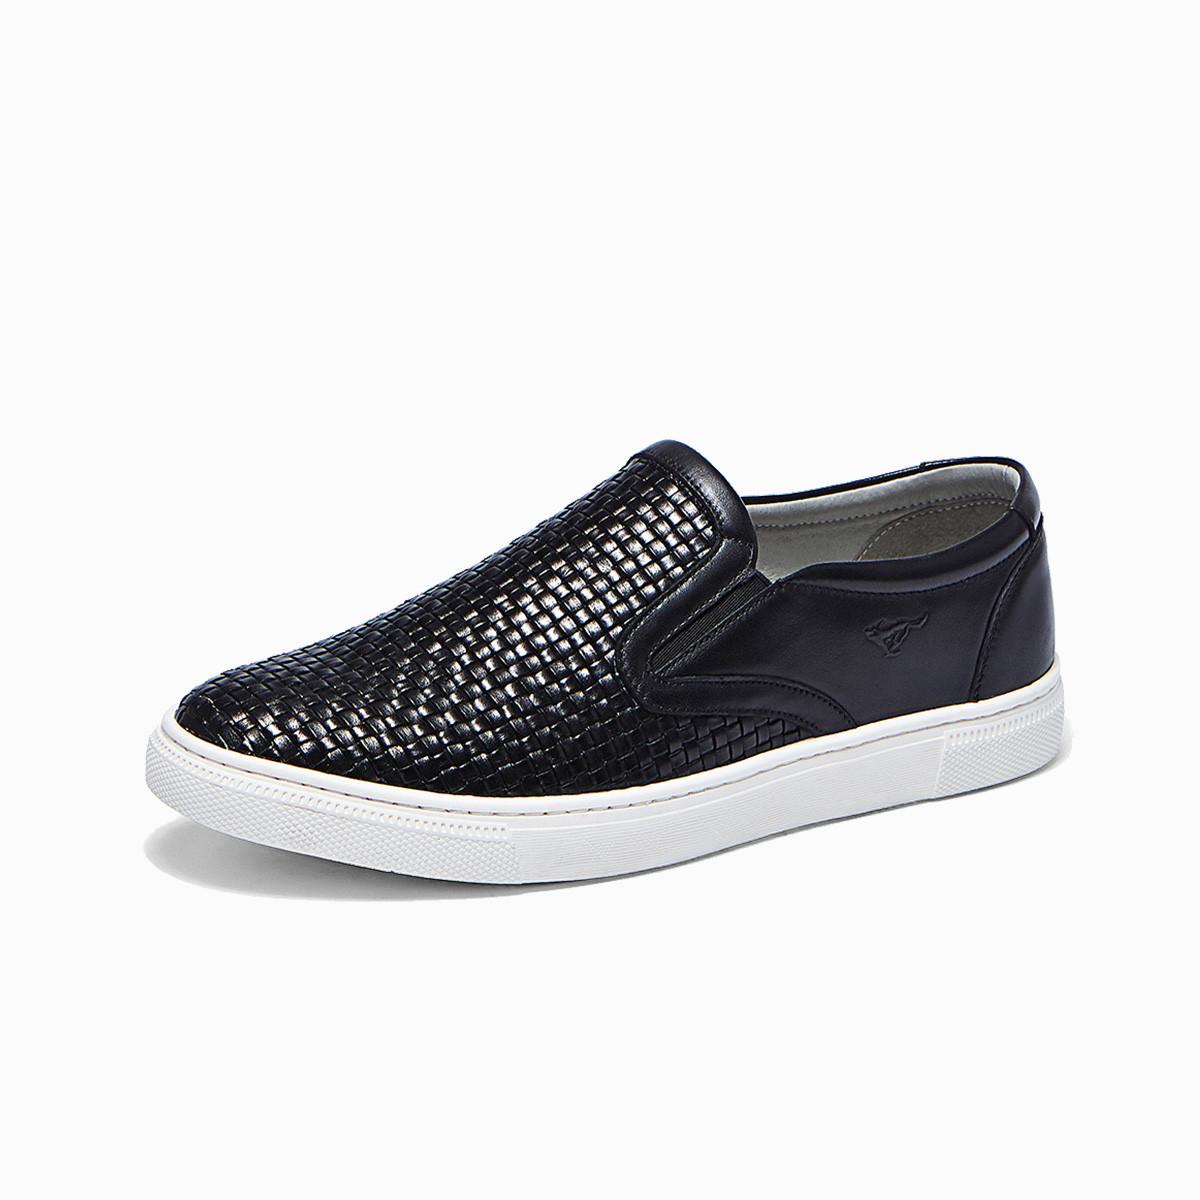 七匹狼七匹狼男鞋新品编织鞋业时尚休闲鞋87412802